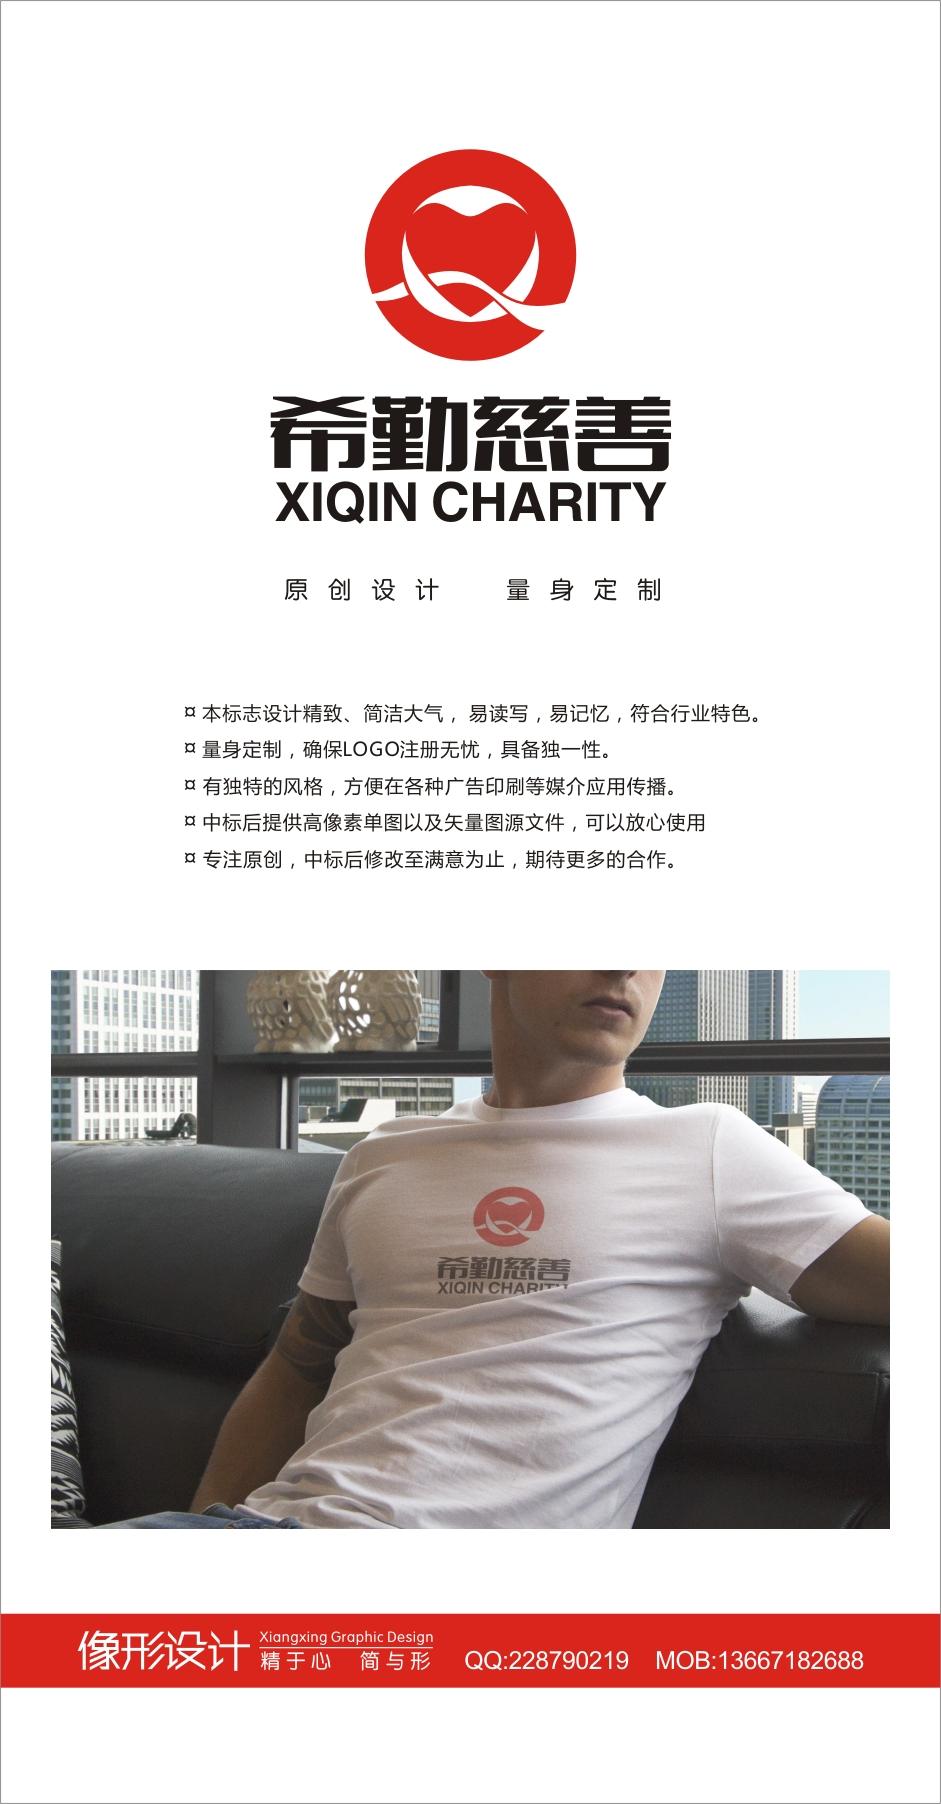 慈善机构LOGO_3019977_k68威客网